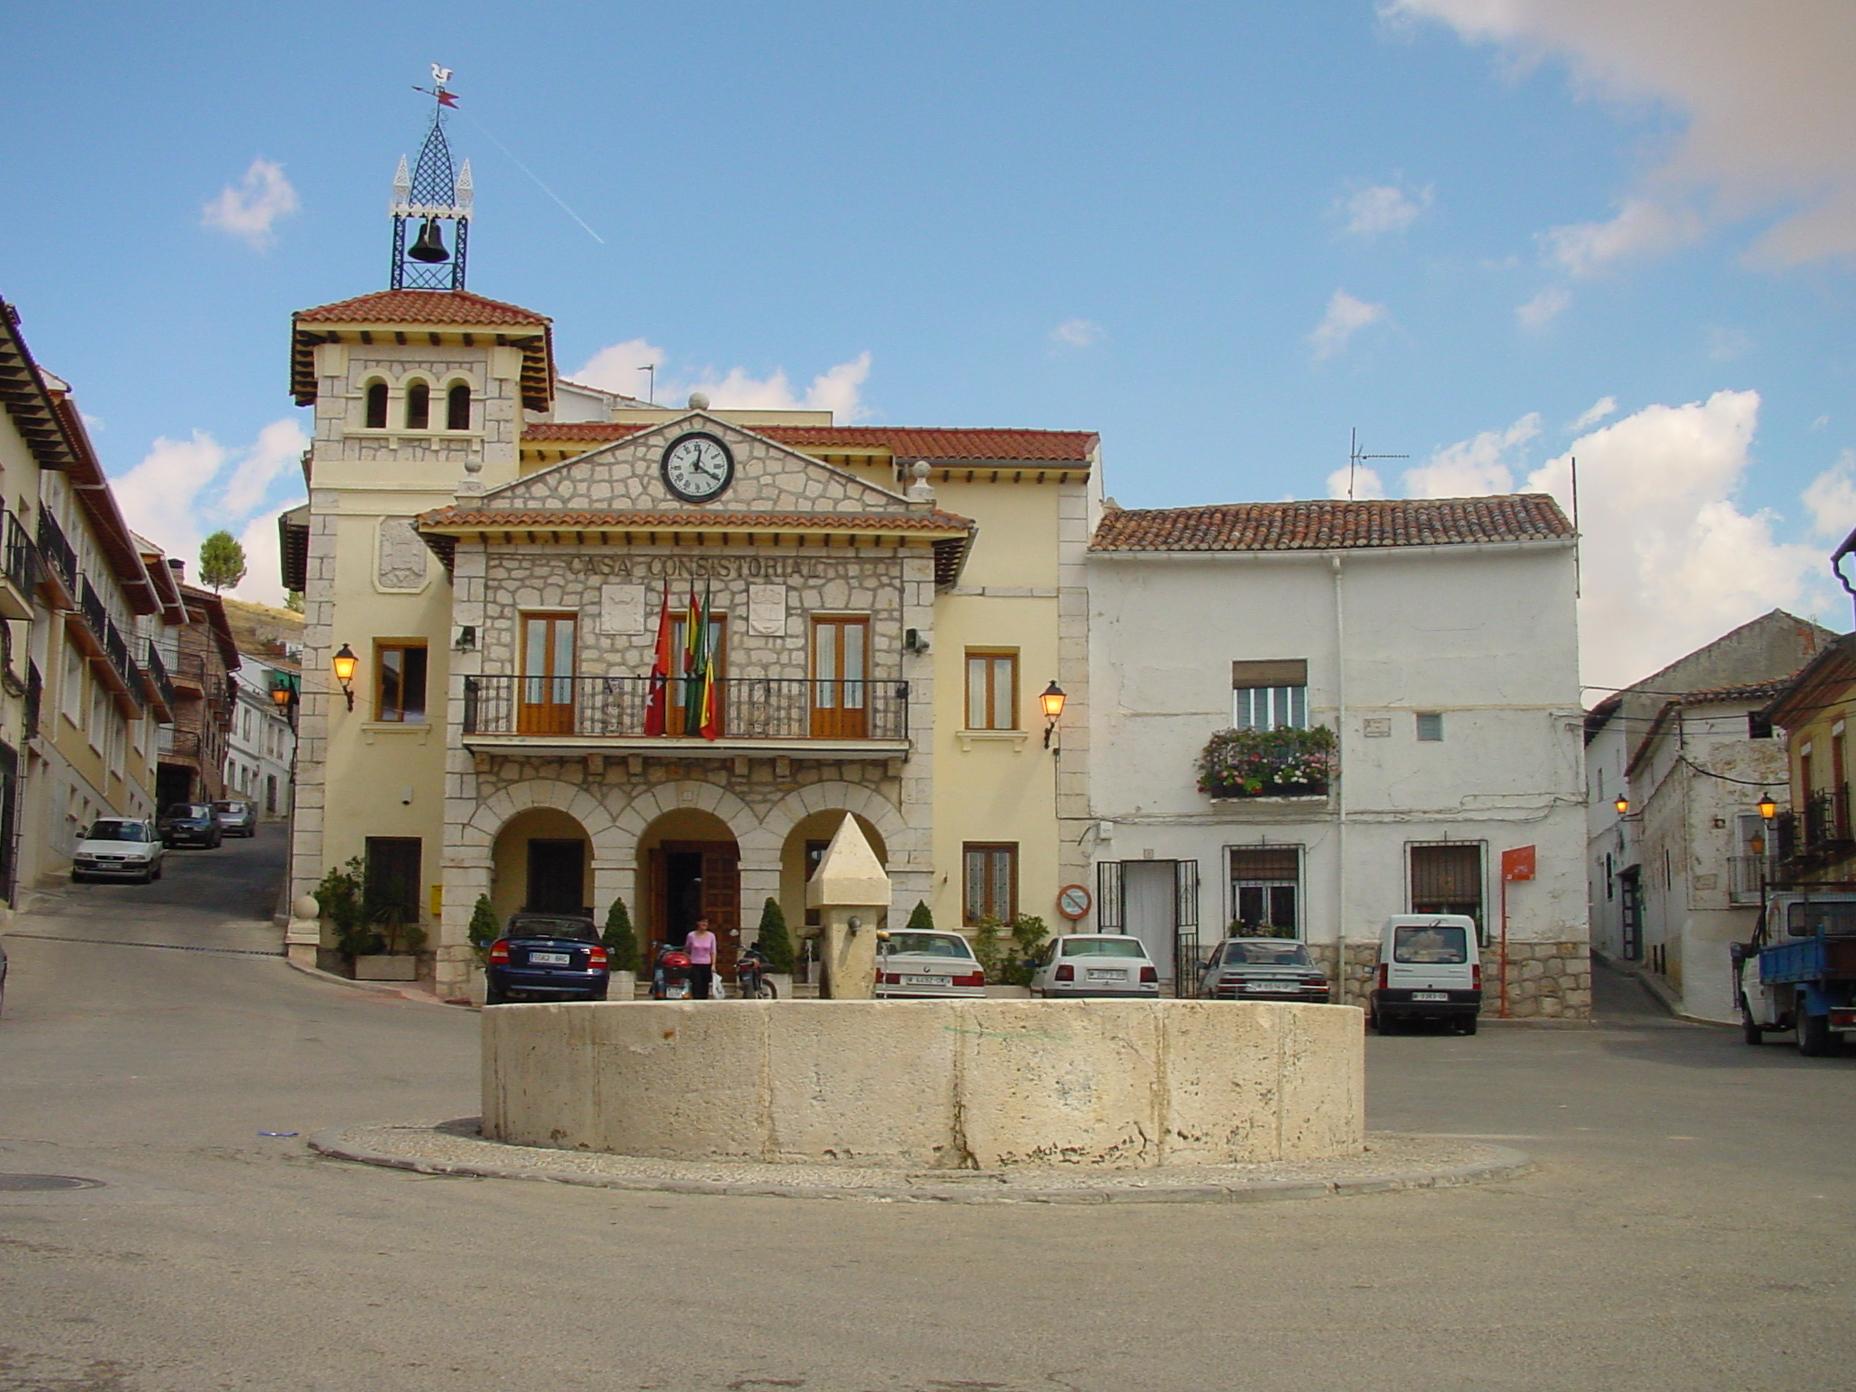 Foto cedida por Ayuntamiento de Valdilecha